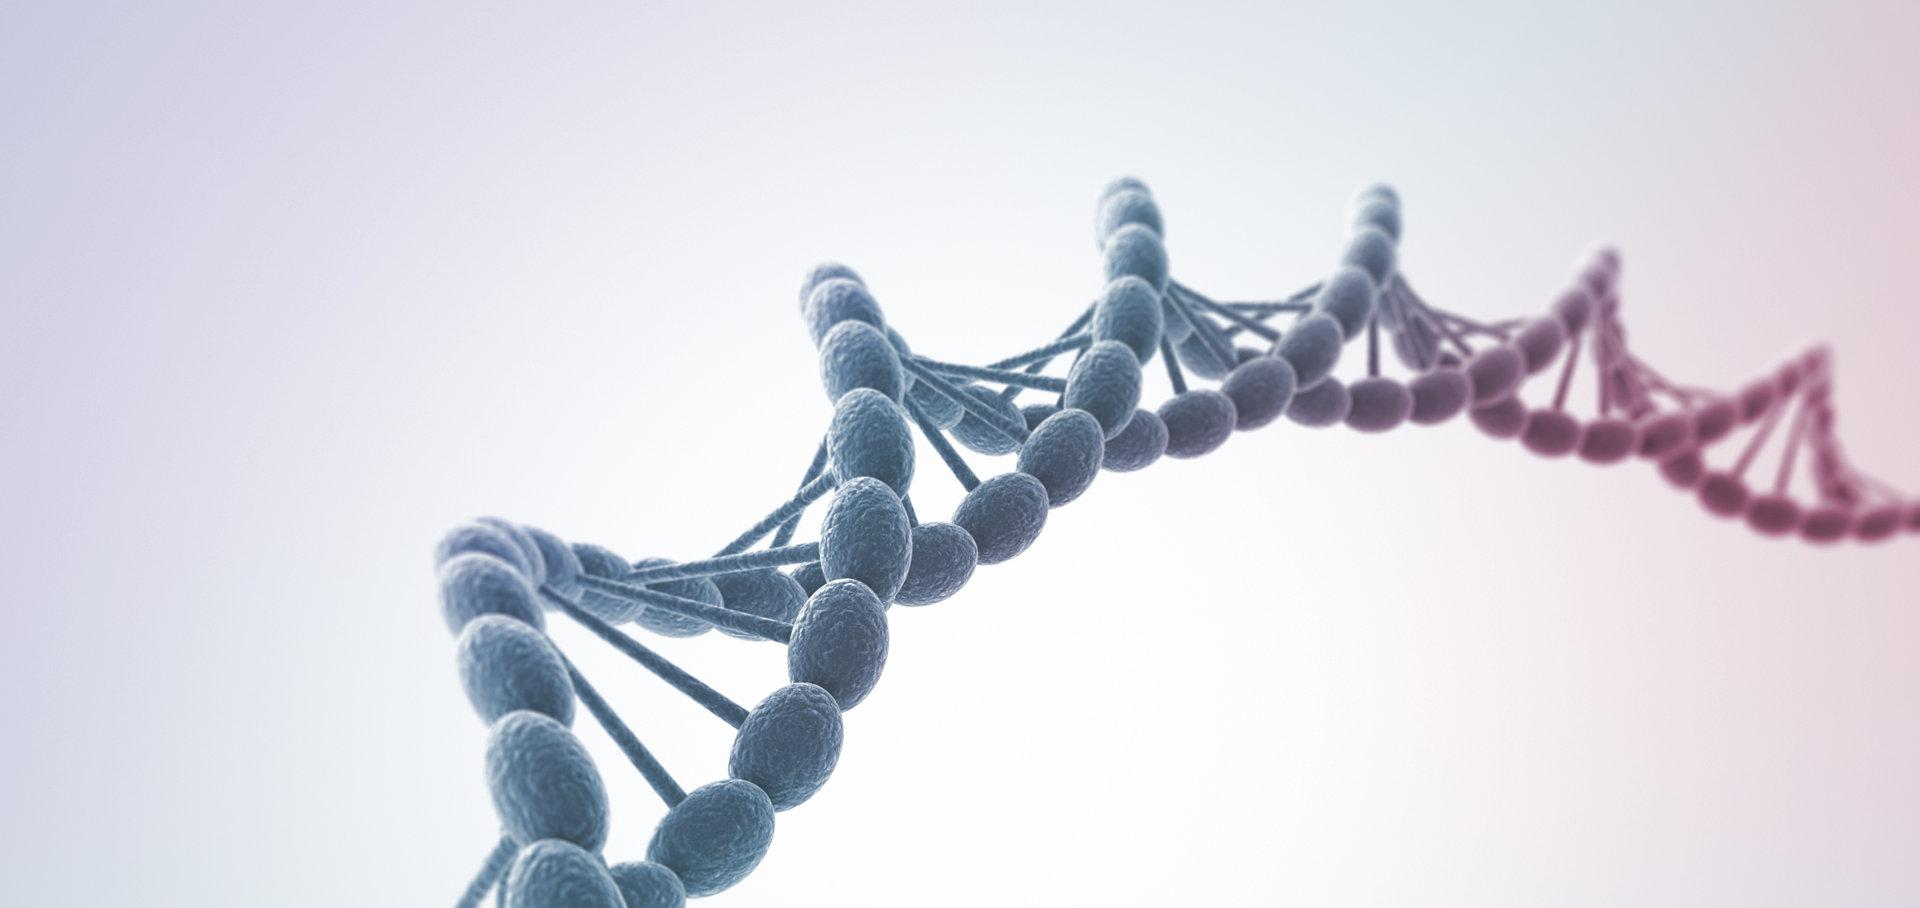 Генетический паспорт здоровья и старения